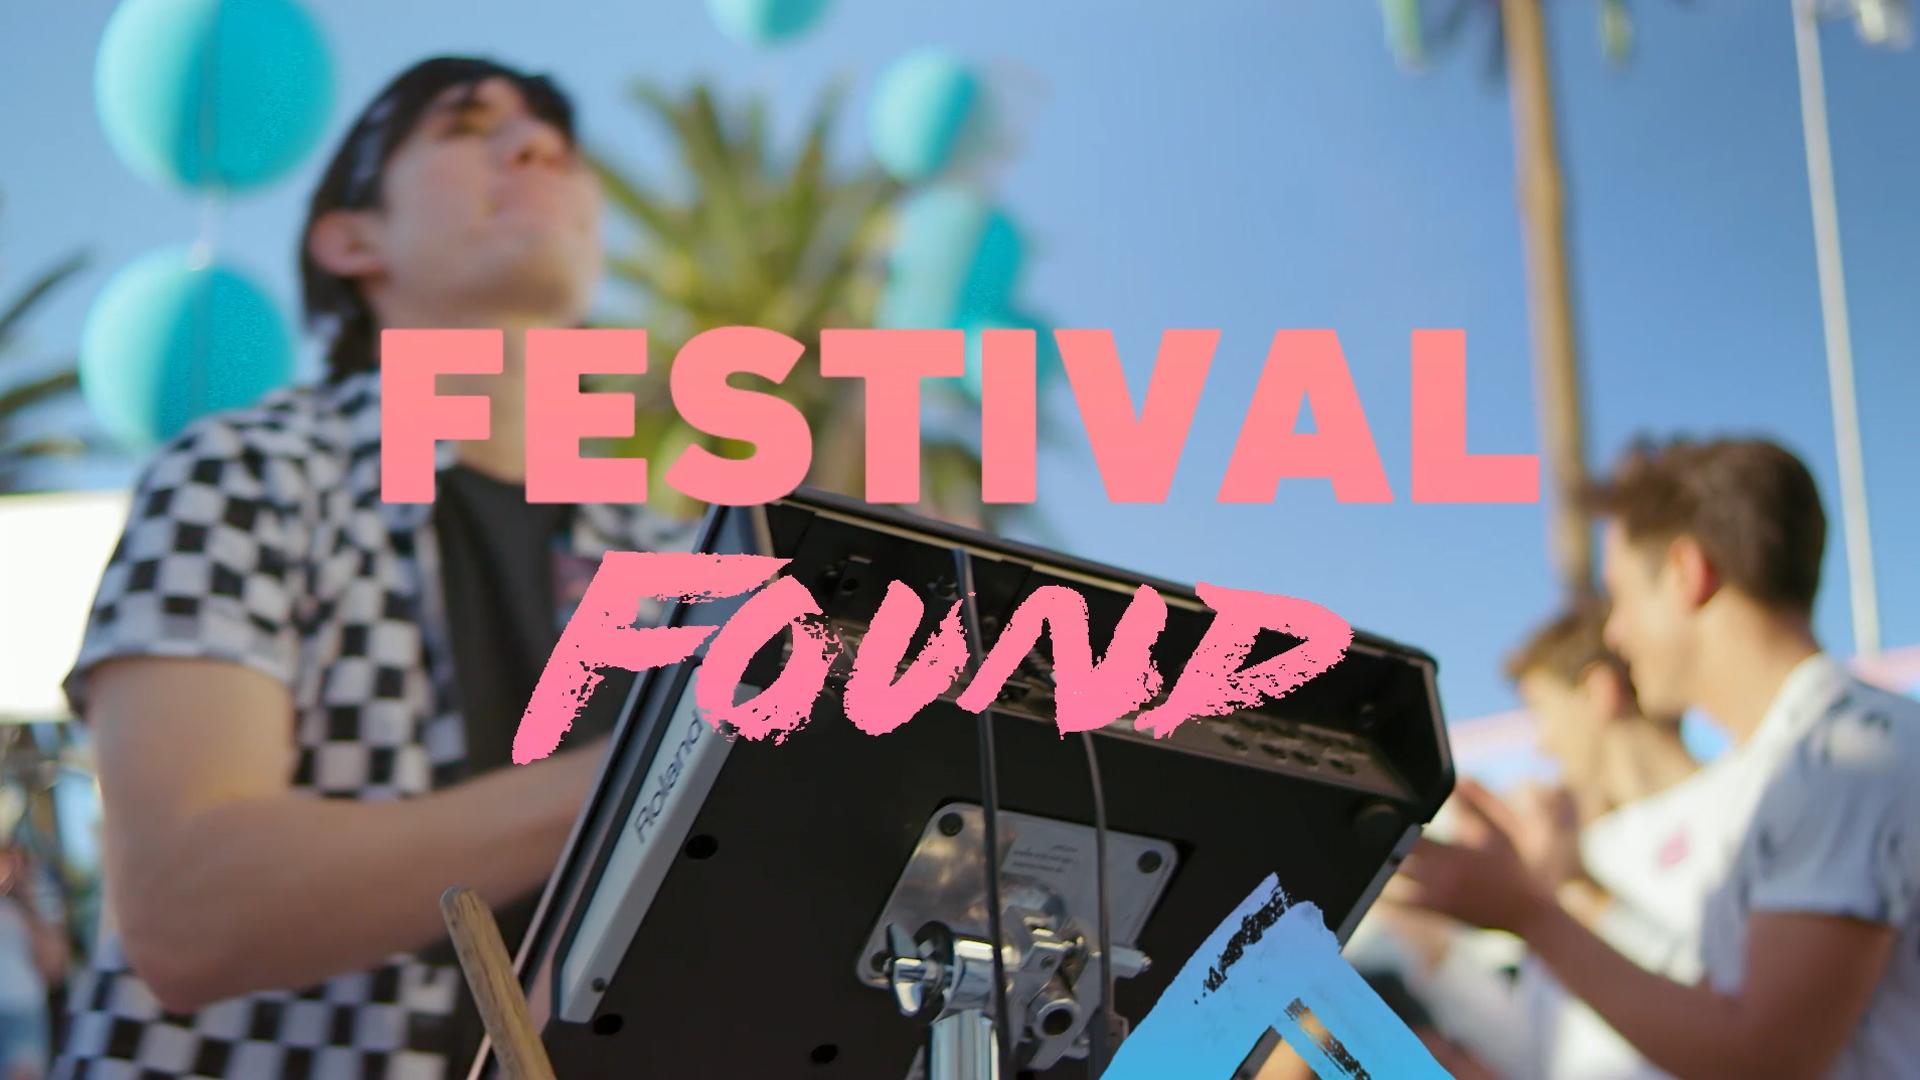 2018-SUM-HCO-FestivalFound-30-008-CC-FINAL4